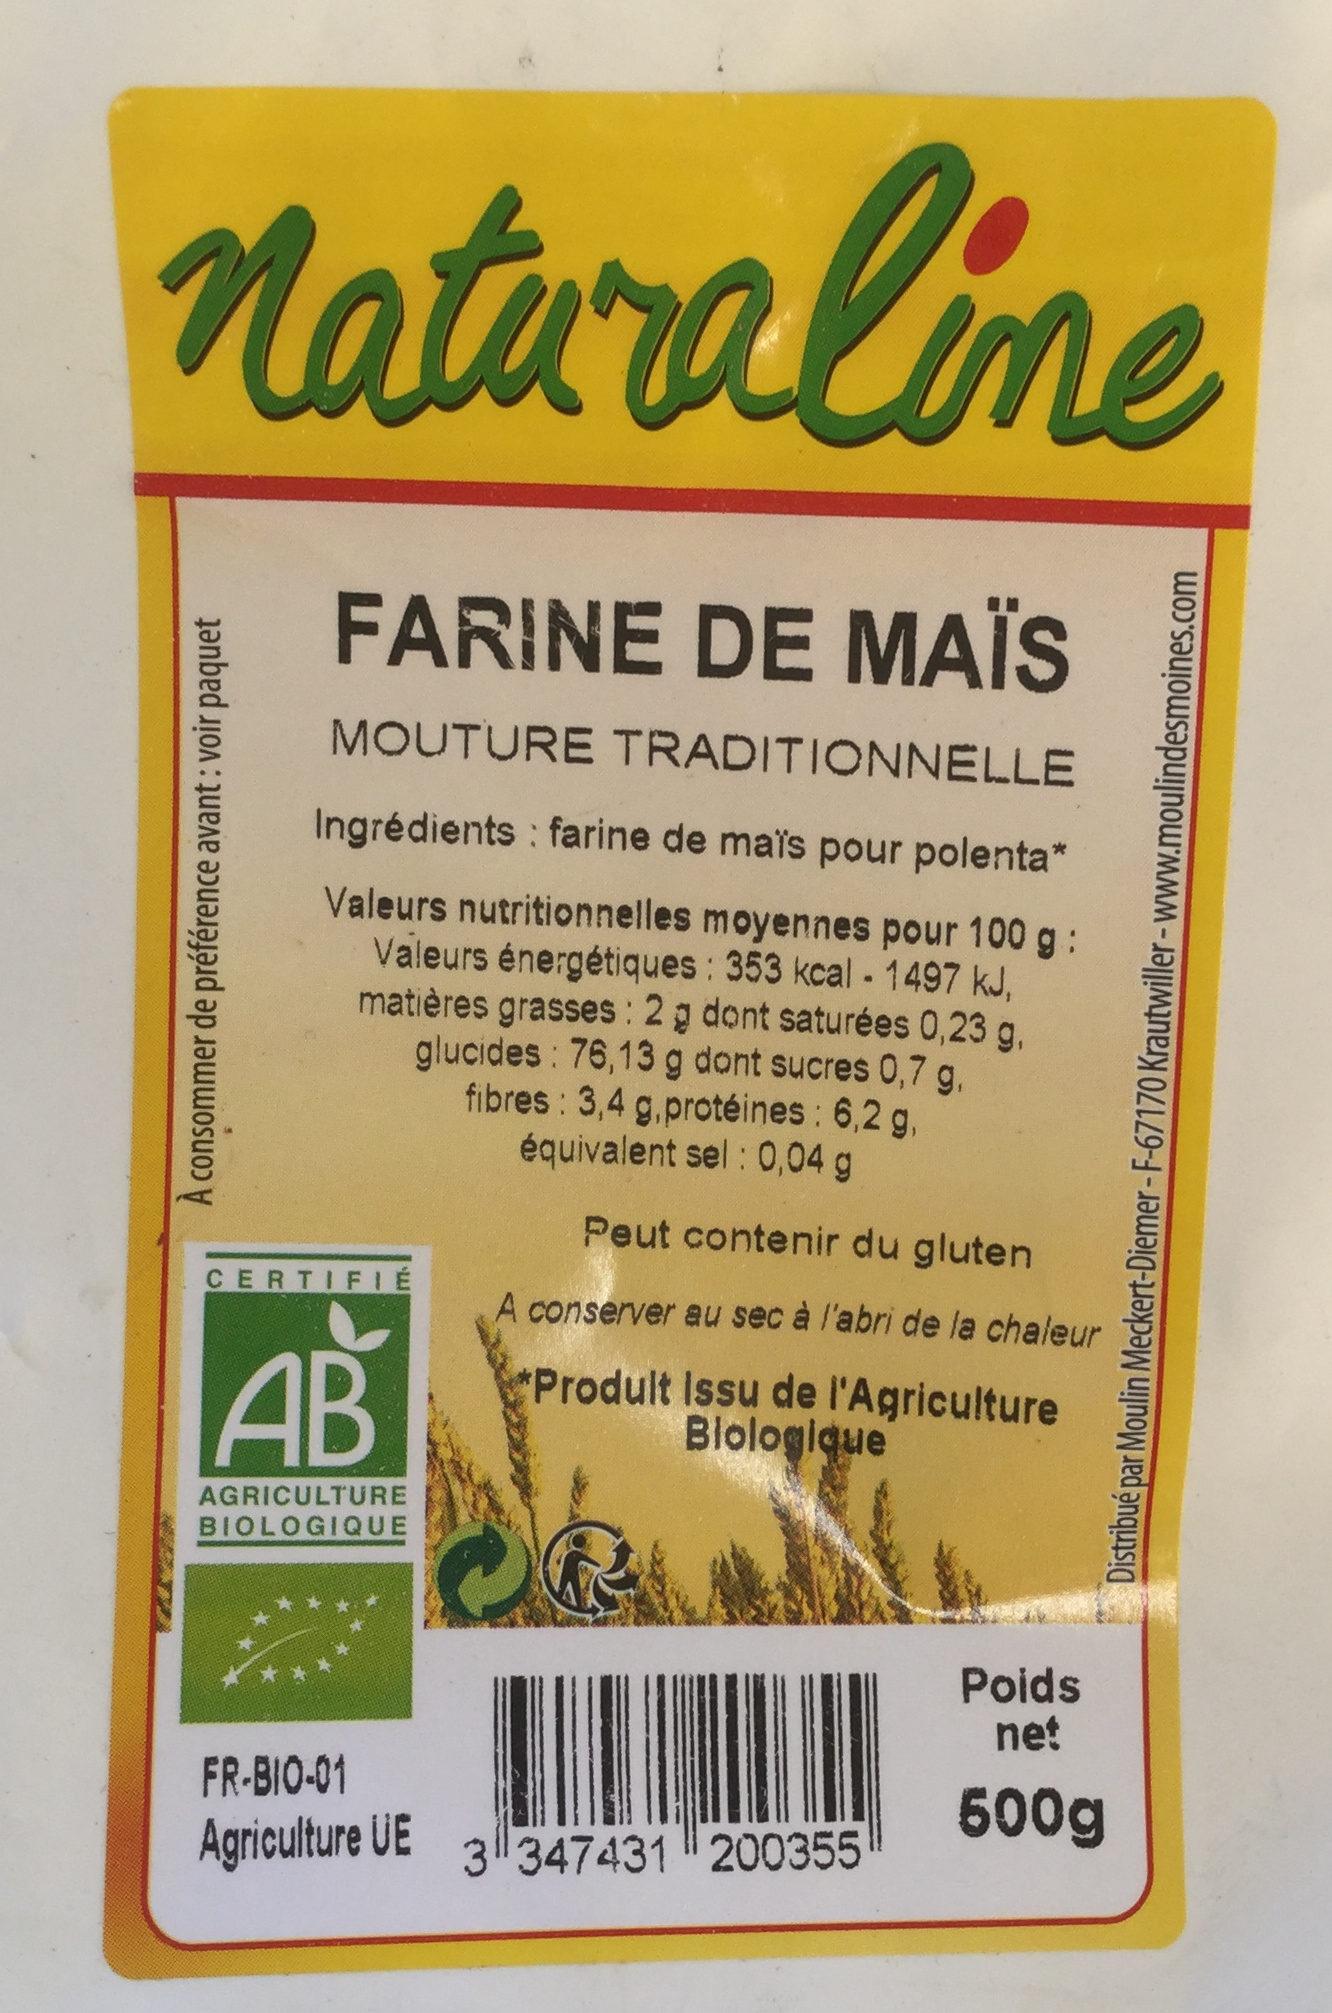 Farine de maïs - Product